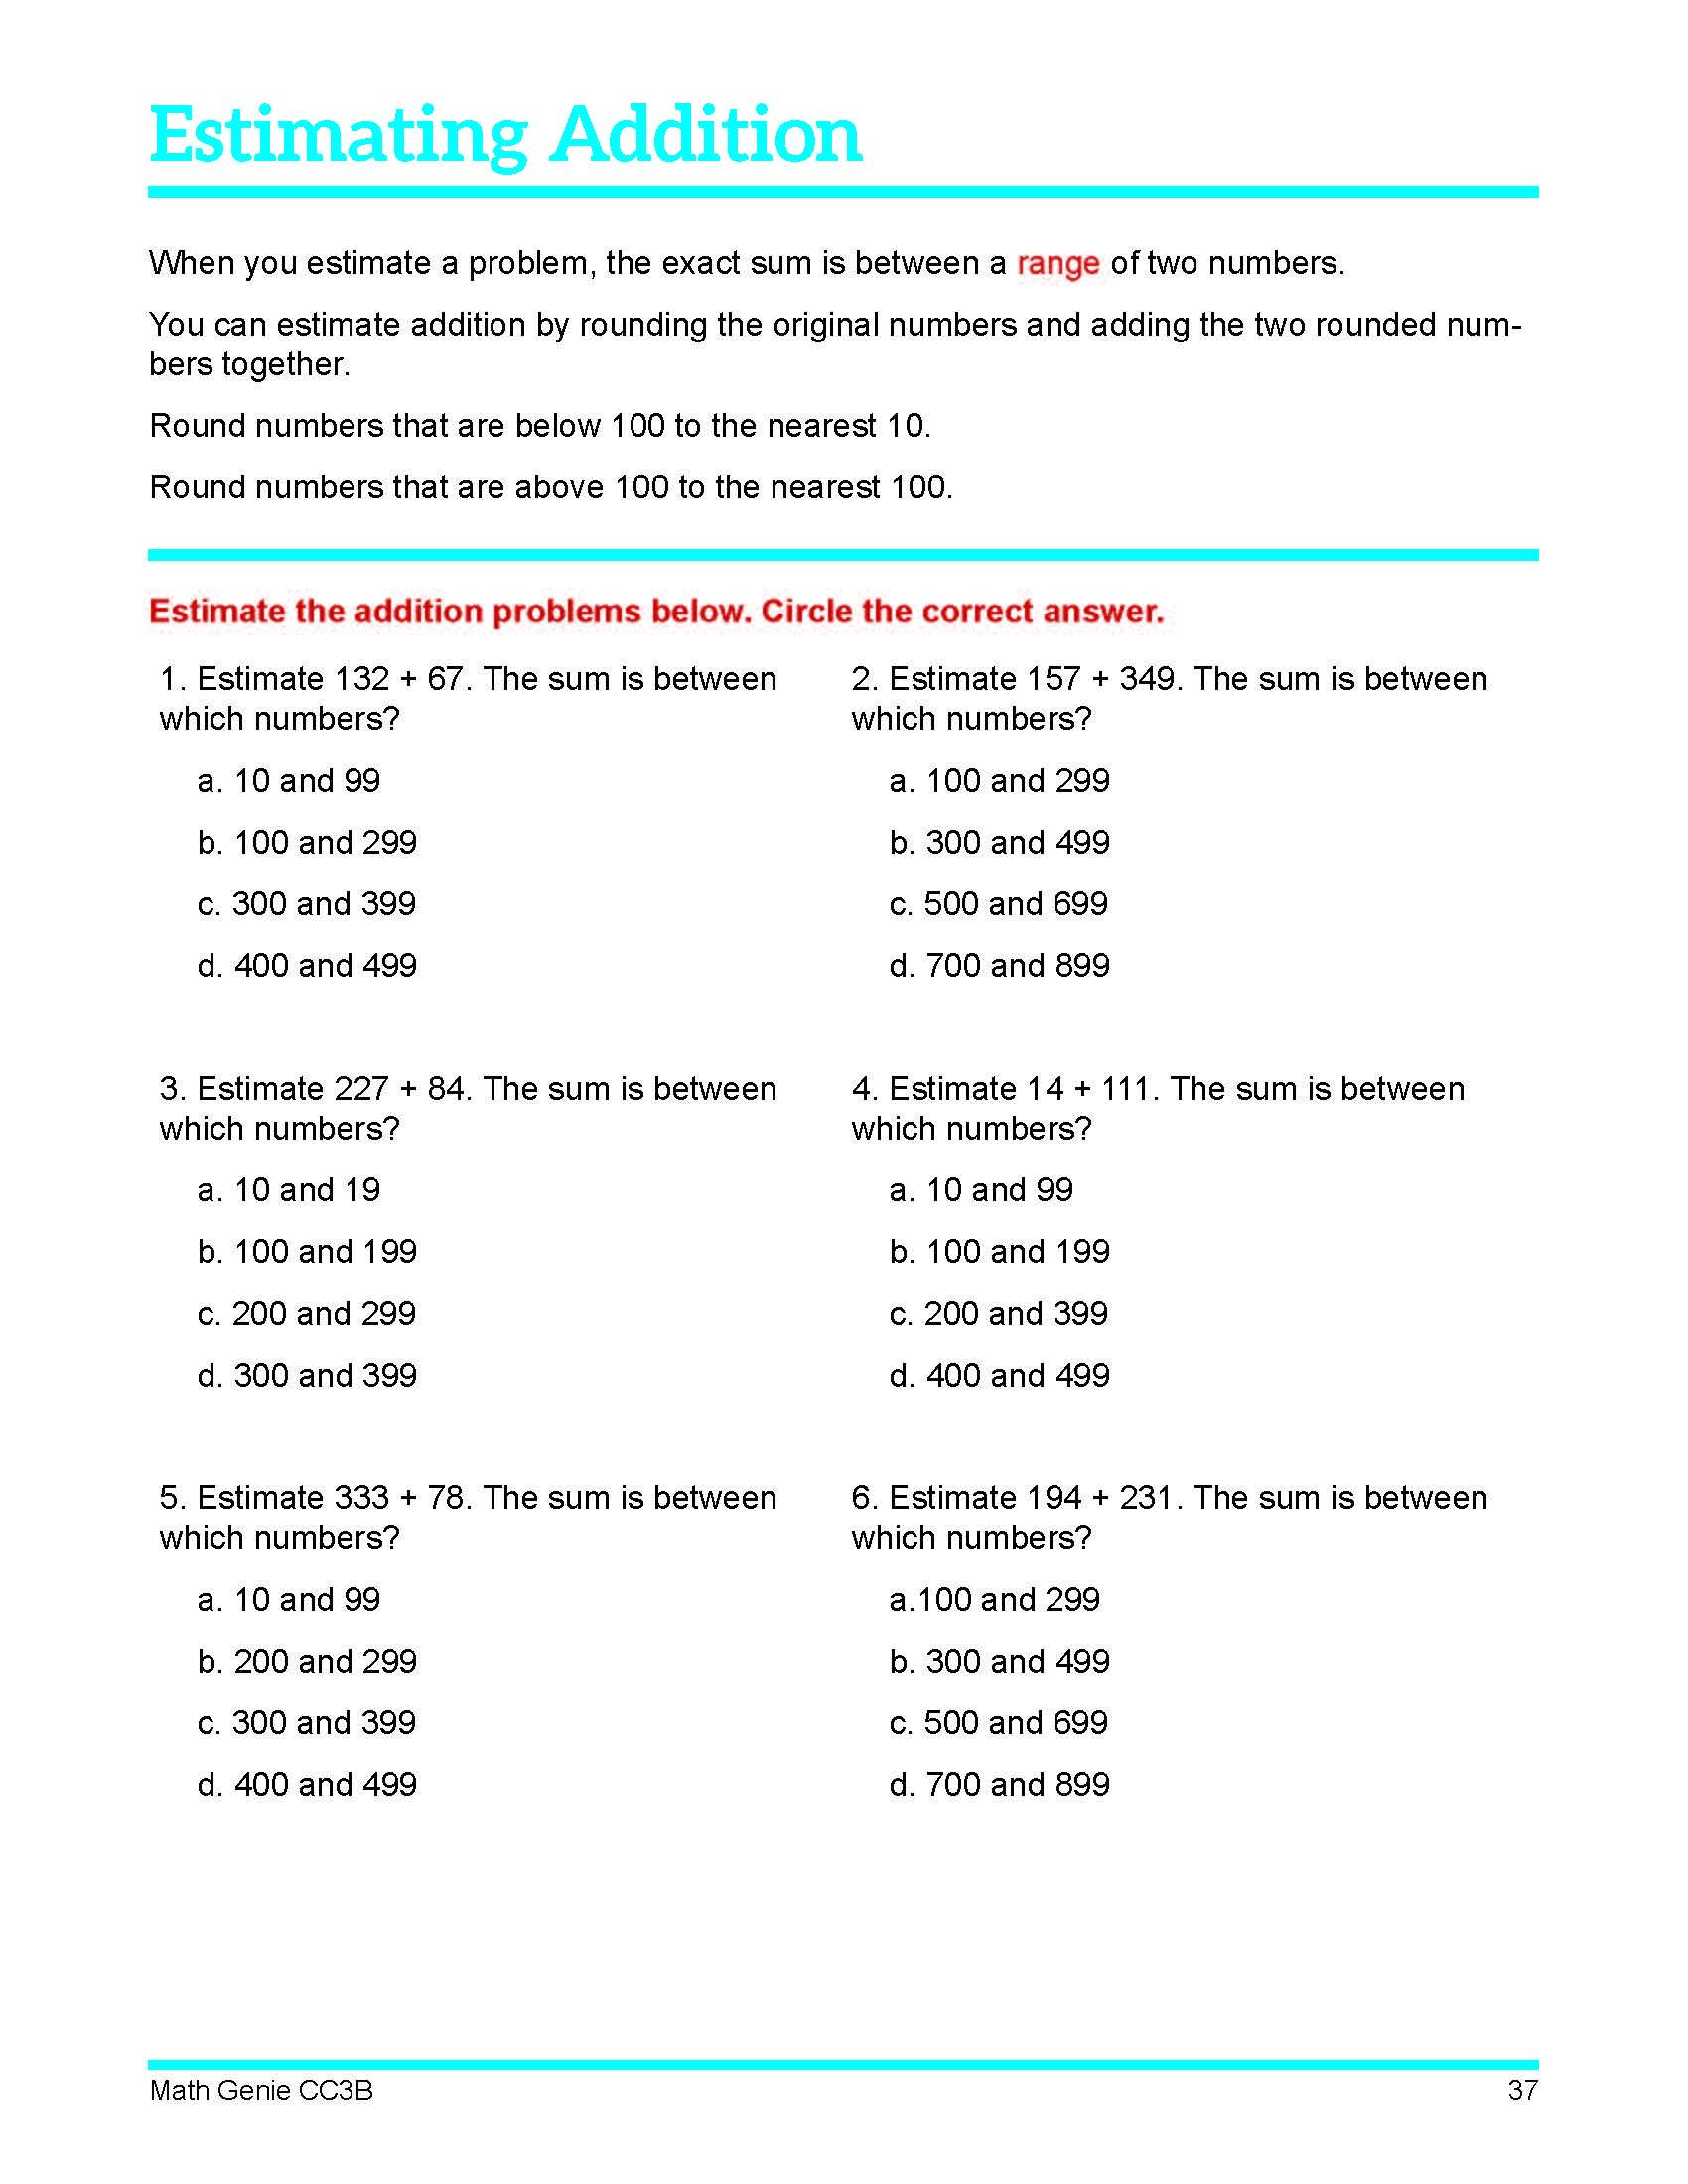 Grade-3-Estimating-Addition.jpg